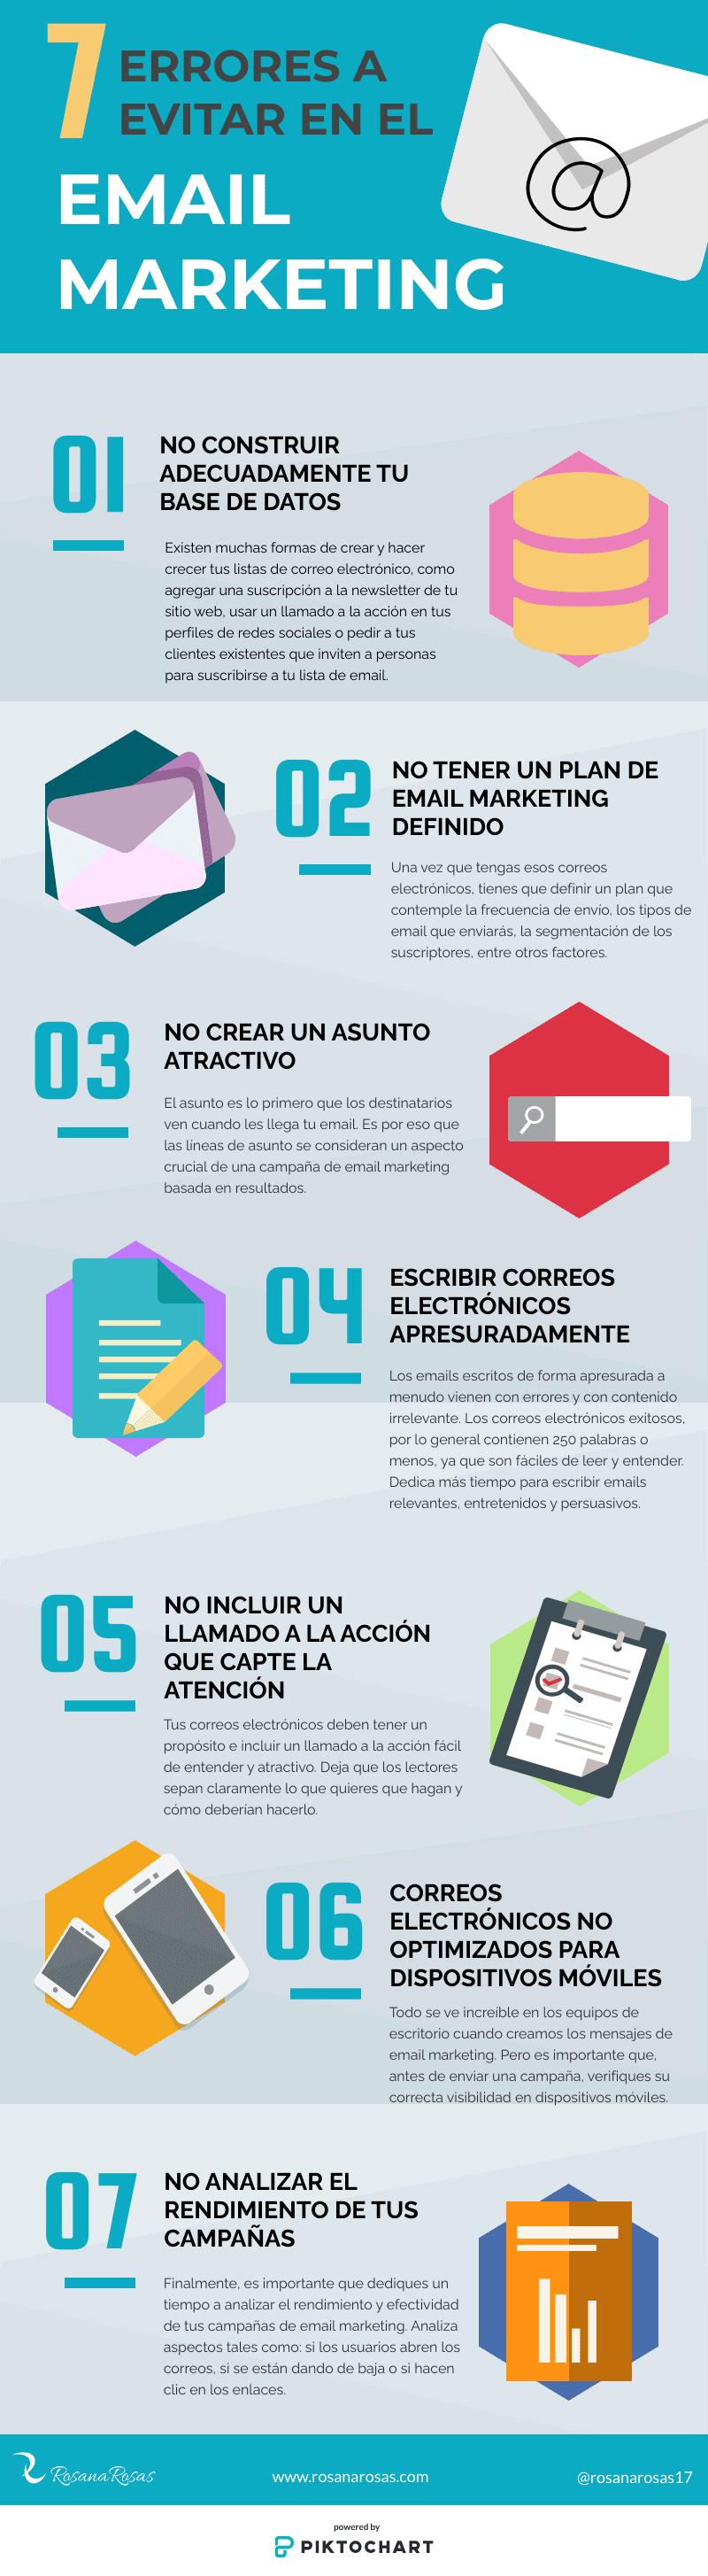 Infografia errores a evitar en el email marketing